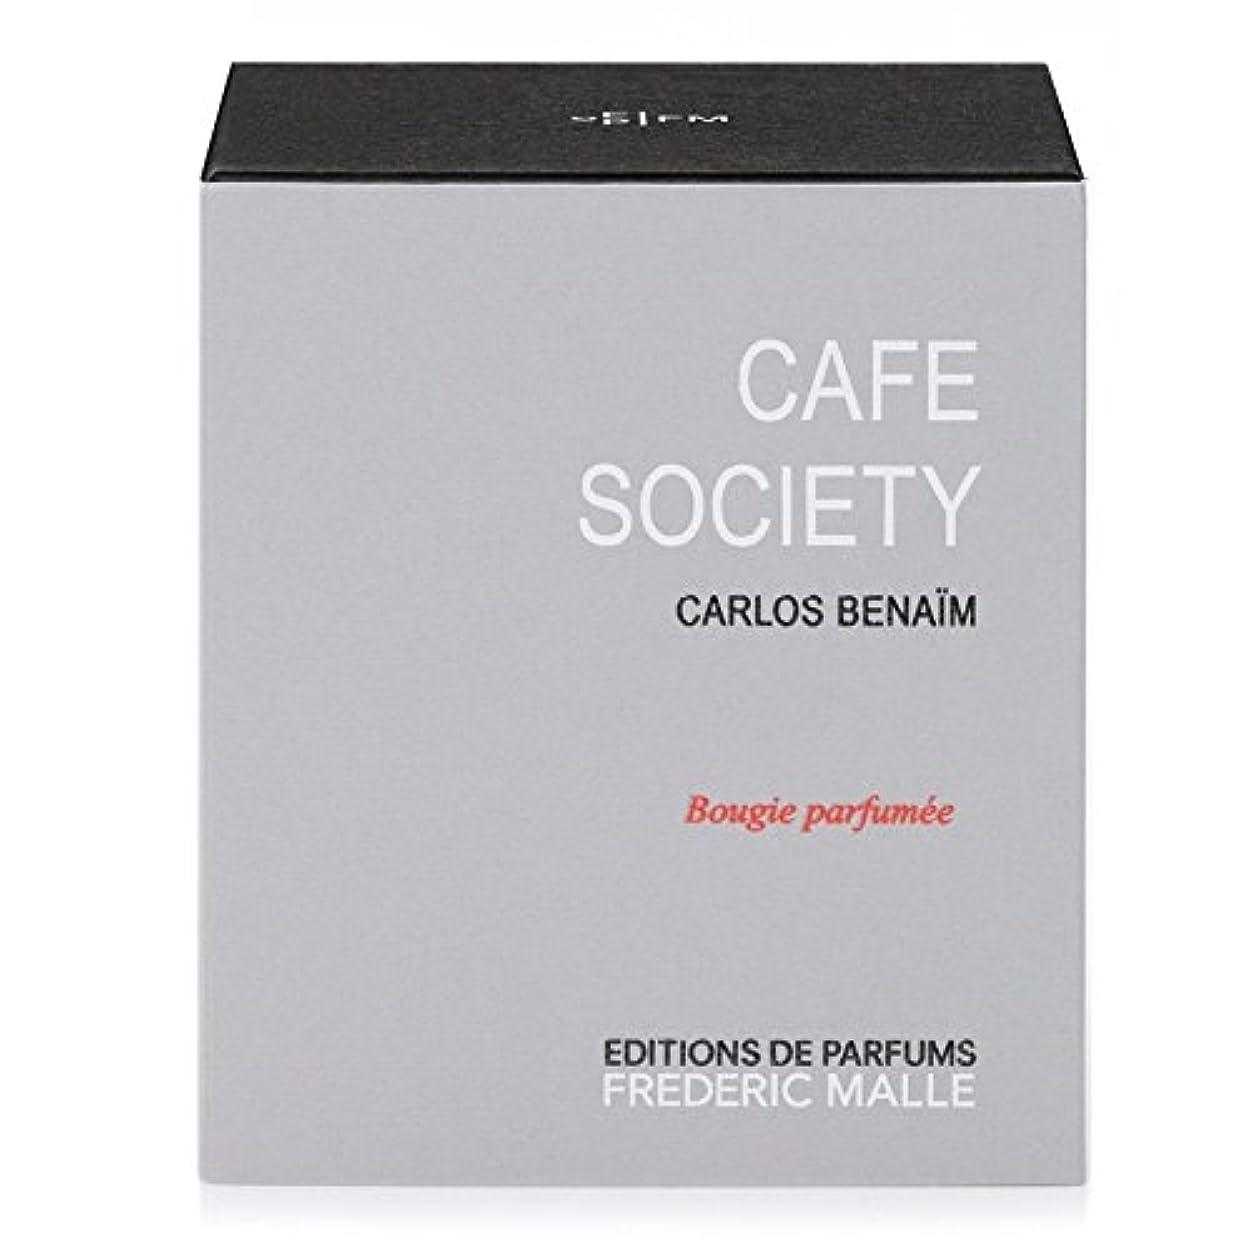 ふくろう航空構成員Frederic Malle Cafe Society Scented Candle 220g (Pack of 4) - フレデリック?マルカフェ社会の香りのキャンドル220グラム x4 [並行輸入品]